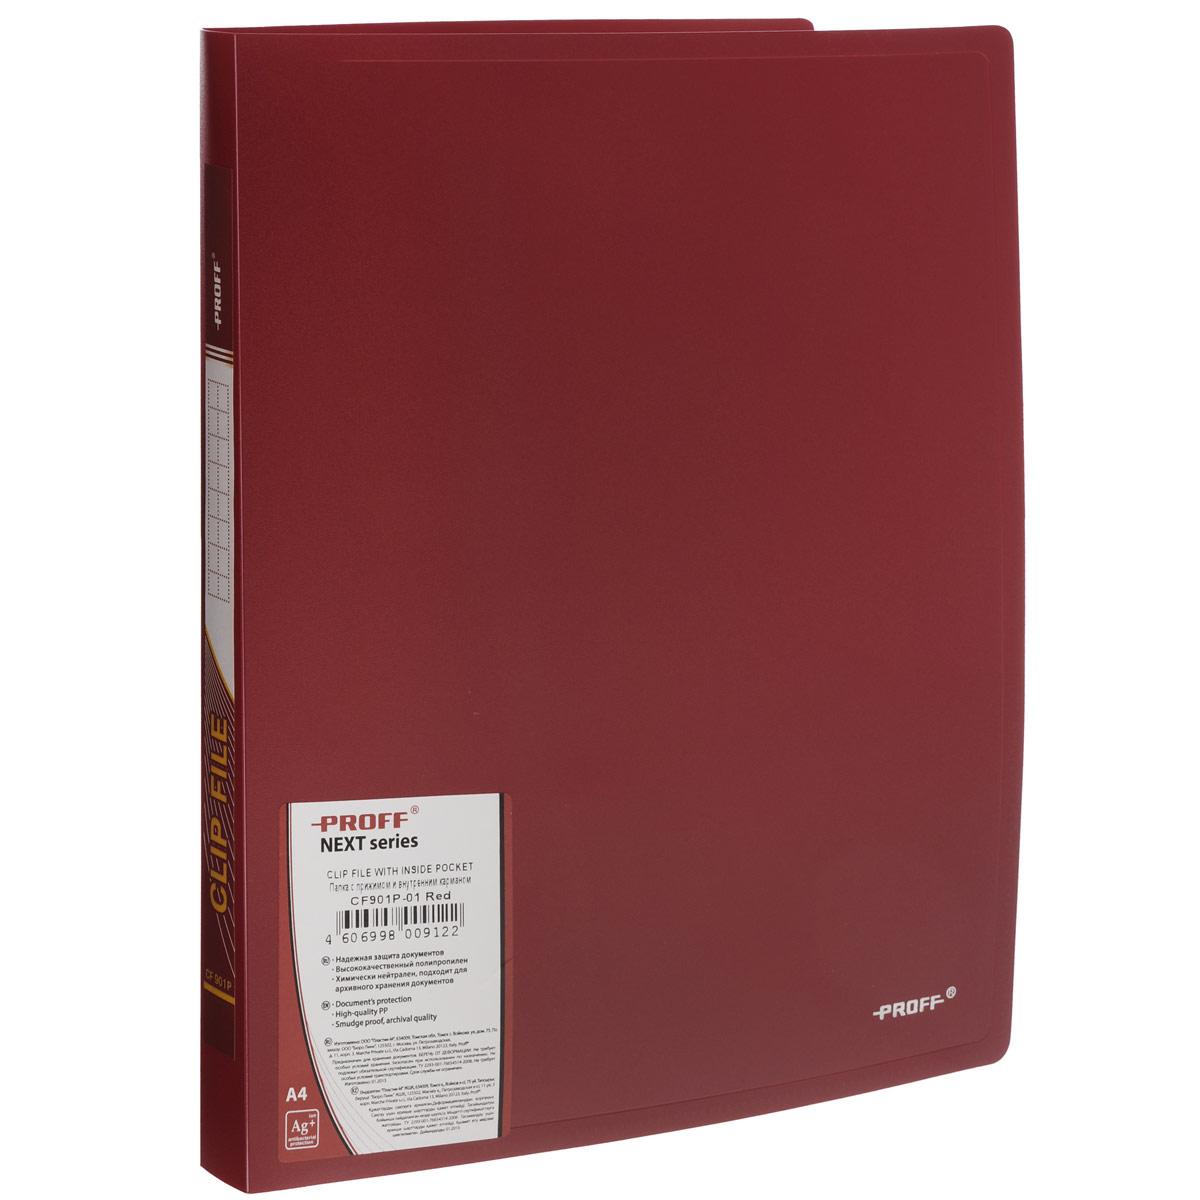 Папка с боковым зажимом Proff Next, цвет: темно-красный. Формат А4. CF901P-0182261СинПапка с боковым зажимом Proff Next - это удобный и практичный офисный инструмент,предназначенный для хранения и транспортировки рабочих бумаг и документовформата А4. Папка изготовлена из высококачественного плотного полипропилена и оснащена металлическим прижимом и внутренним кармашком. Папка с боковым зажимом - это незаменимый атрибут для студента, школьника,офисного работника. Такая папка надежно сохранит ваши документы и сбережетих от повреждений, пыли и влаги.